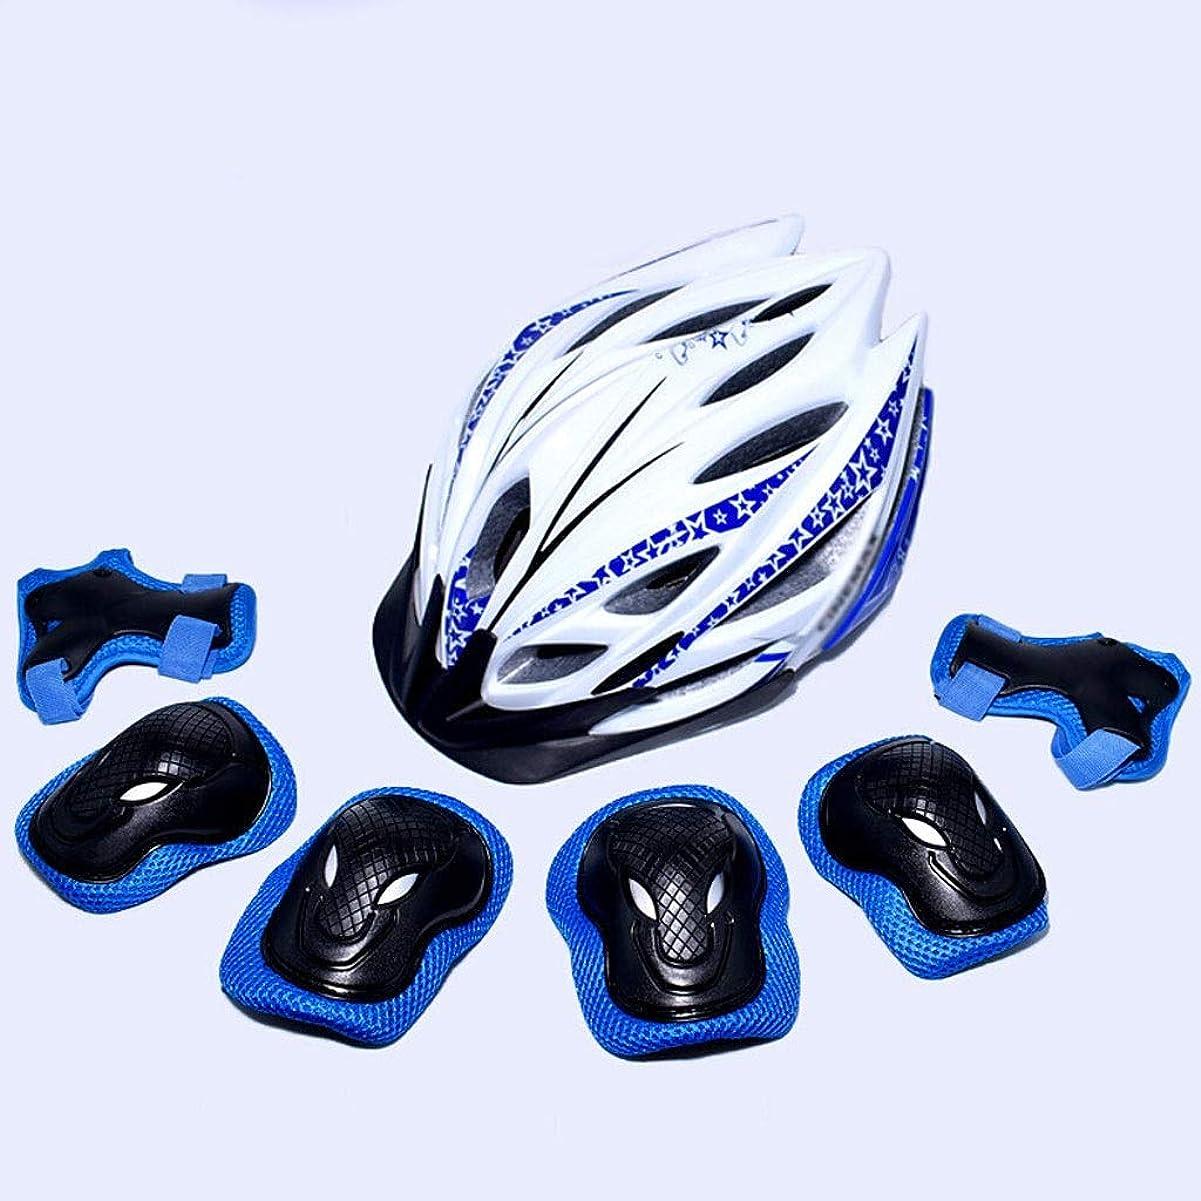 監督する不名誉事件、出来事子供/若者膝パッド肘パッドプロテクターセットかっこ幼児用アウトドアサイクリングスポーツ (Color : Blue, Size : S)